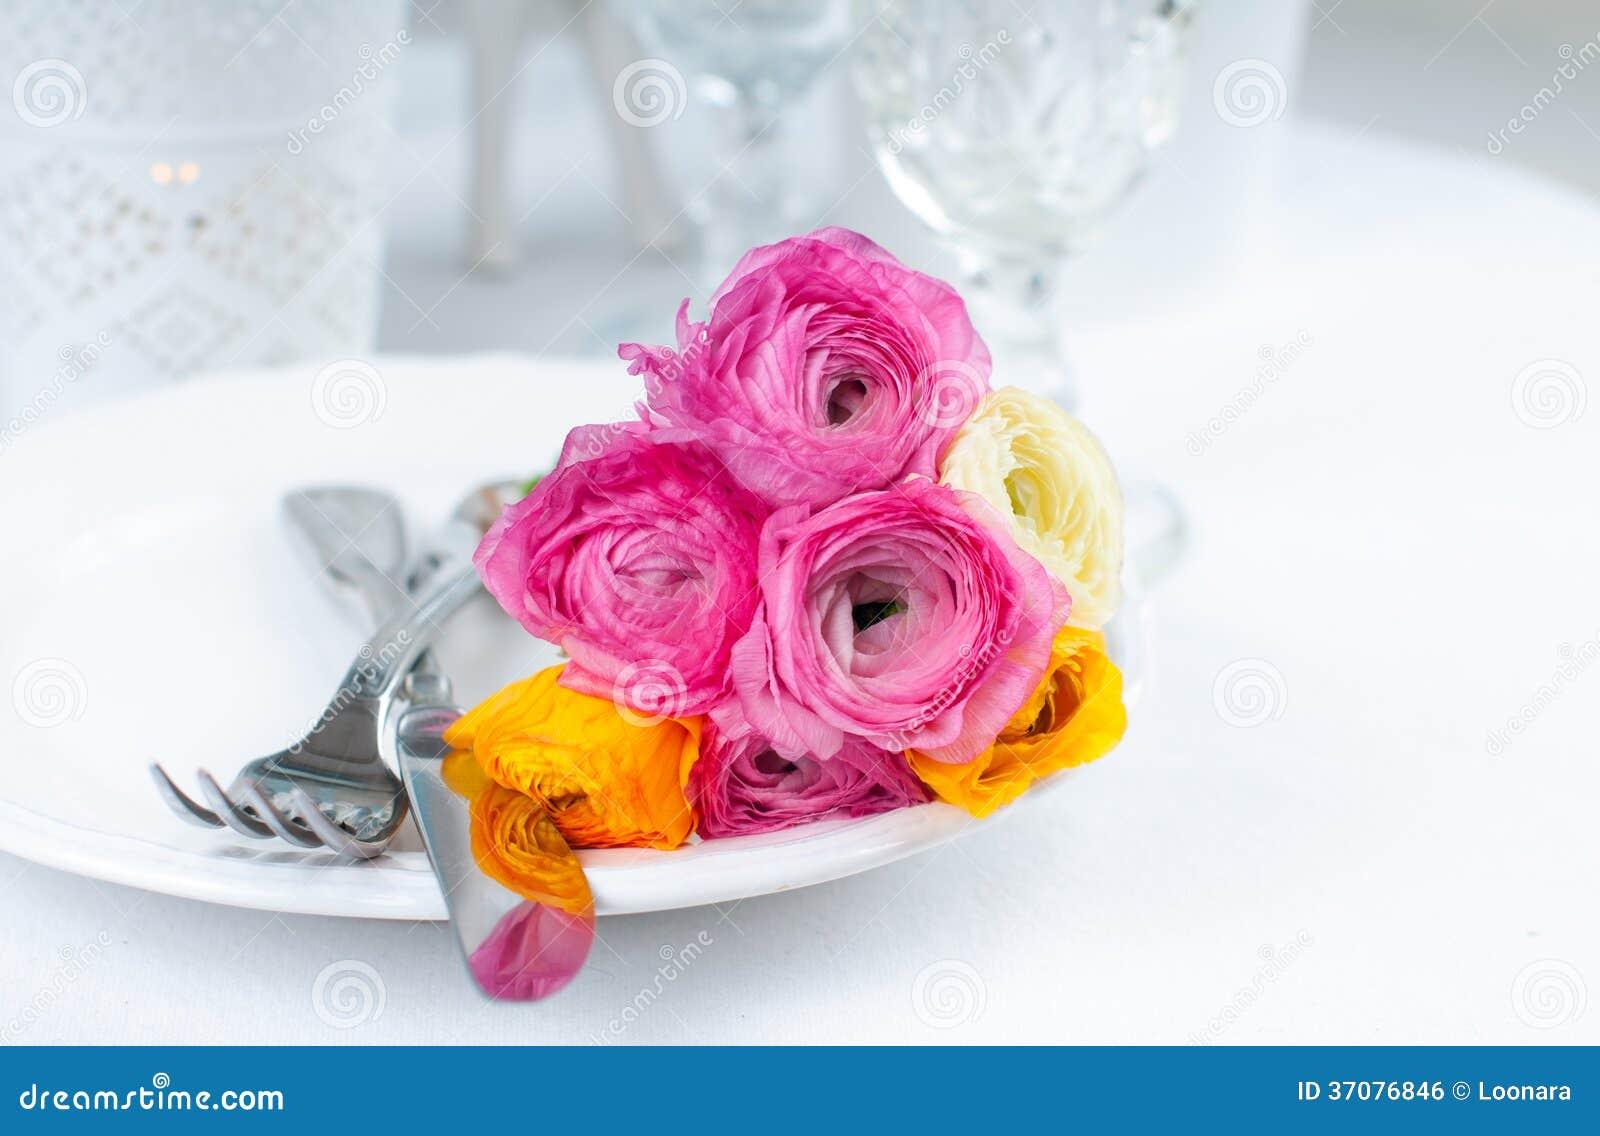 Download Świąteczny Stołowy Położenie Z Kwiatami Zdjęcie Stock - Obraz złożonej z glassblower, wnętrze: 37076846